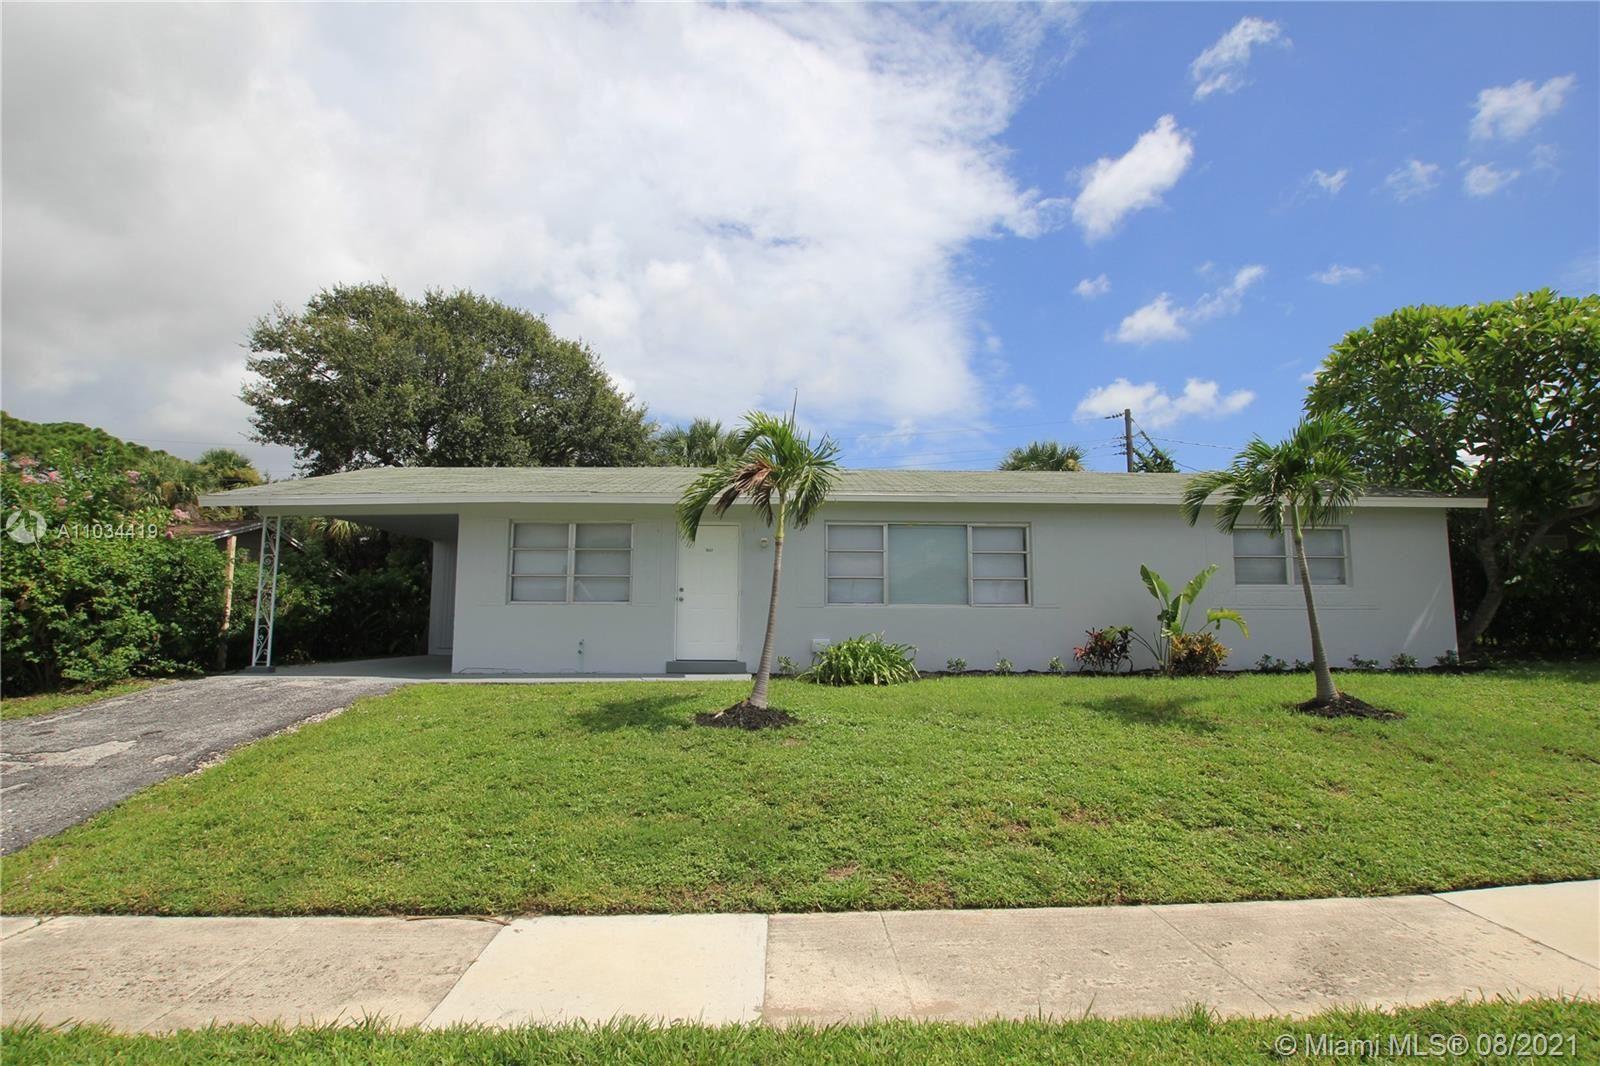 1632 N 25th Ct, Riviera Beach, FL 33404 - #: A11034419